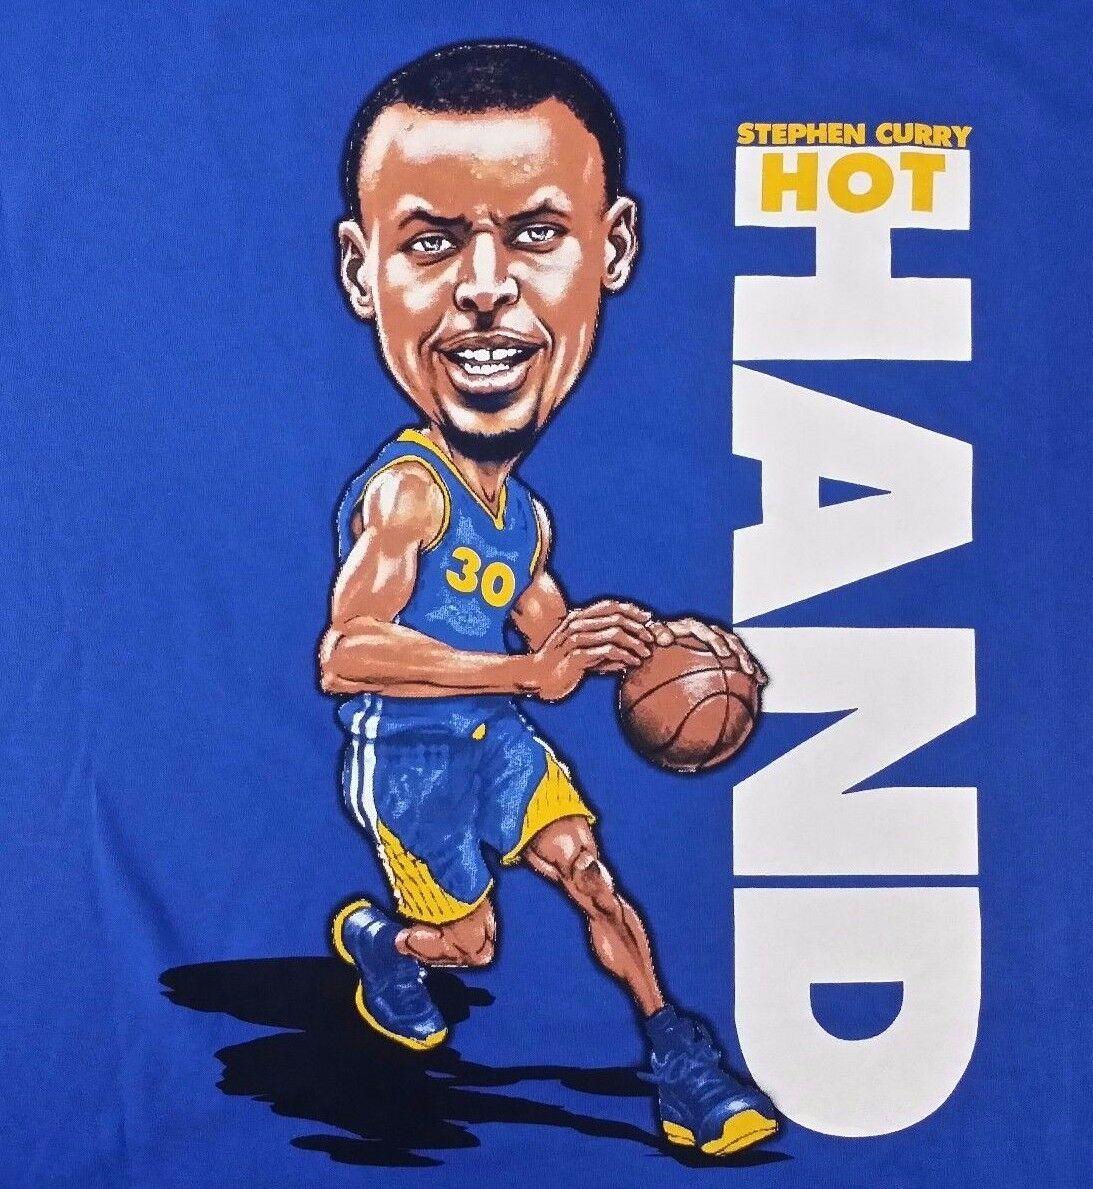 f1682f6e2306 Stephen Curry Cartoon T-Shirt Golden State Warriors Size XL 2016 - Stephen  Curry Shirtless - Trending Stephen Curry Shirtless  stephencurryshirtless  ...